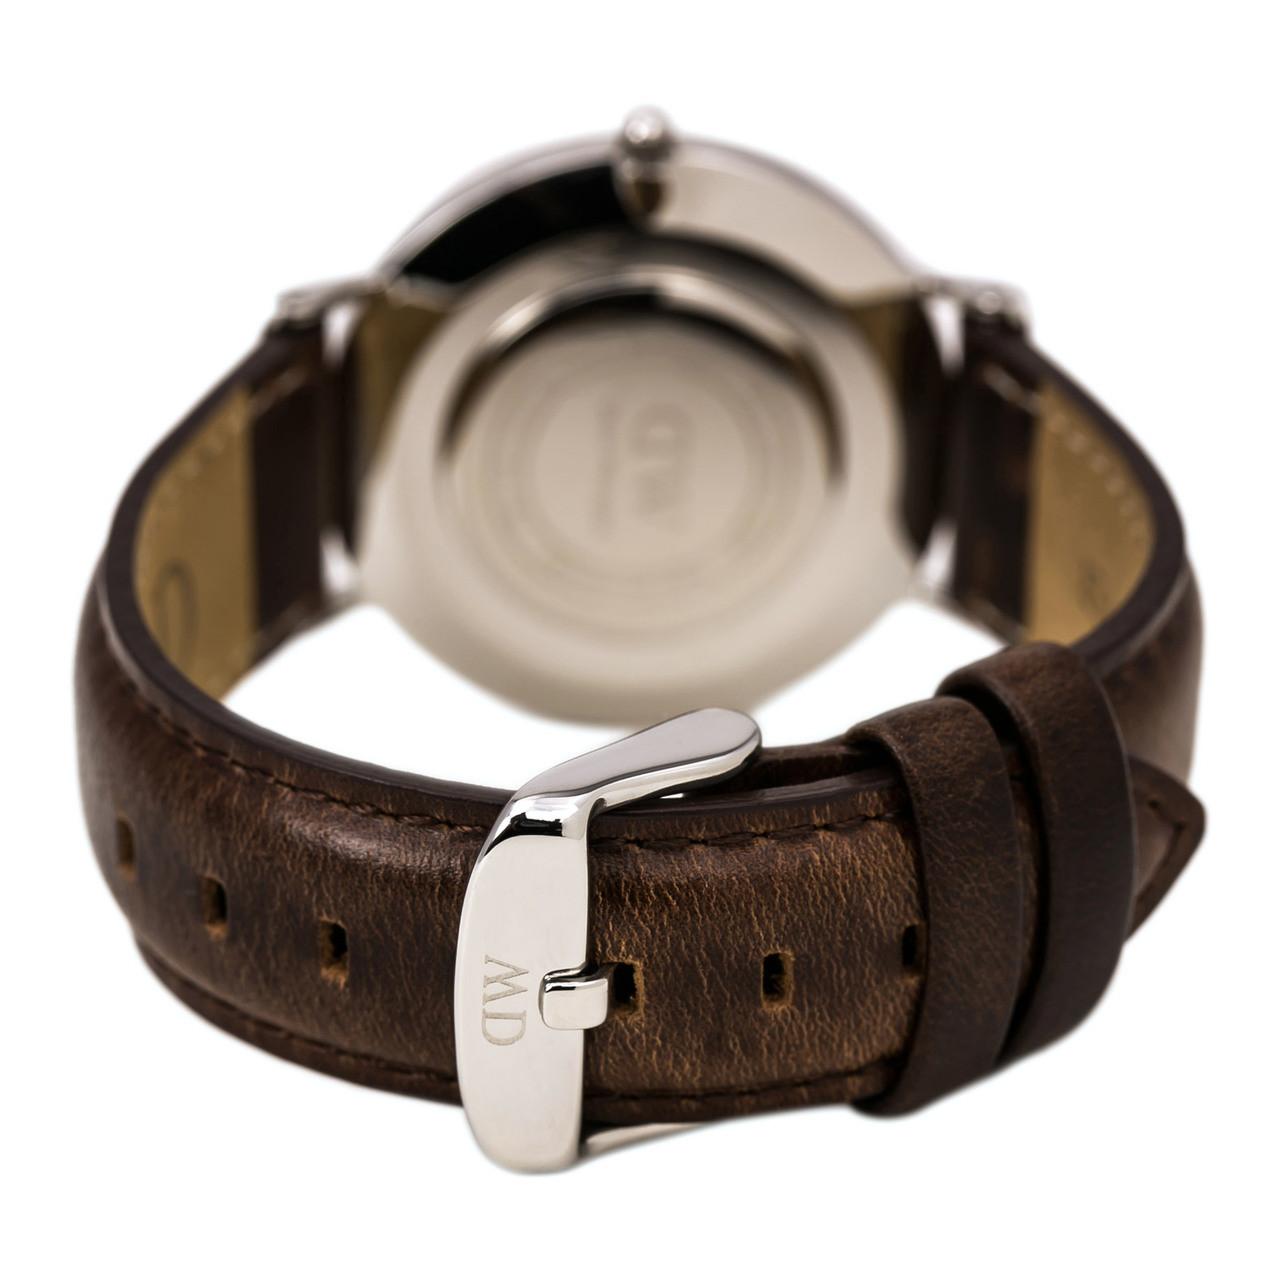 Product Review - Daniel Wellington Mens Bristol 36mm Watch 0611DW